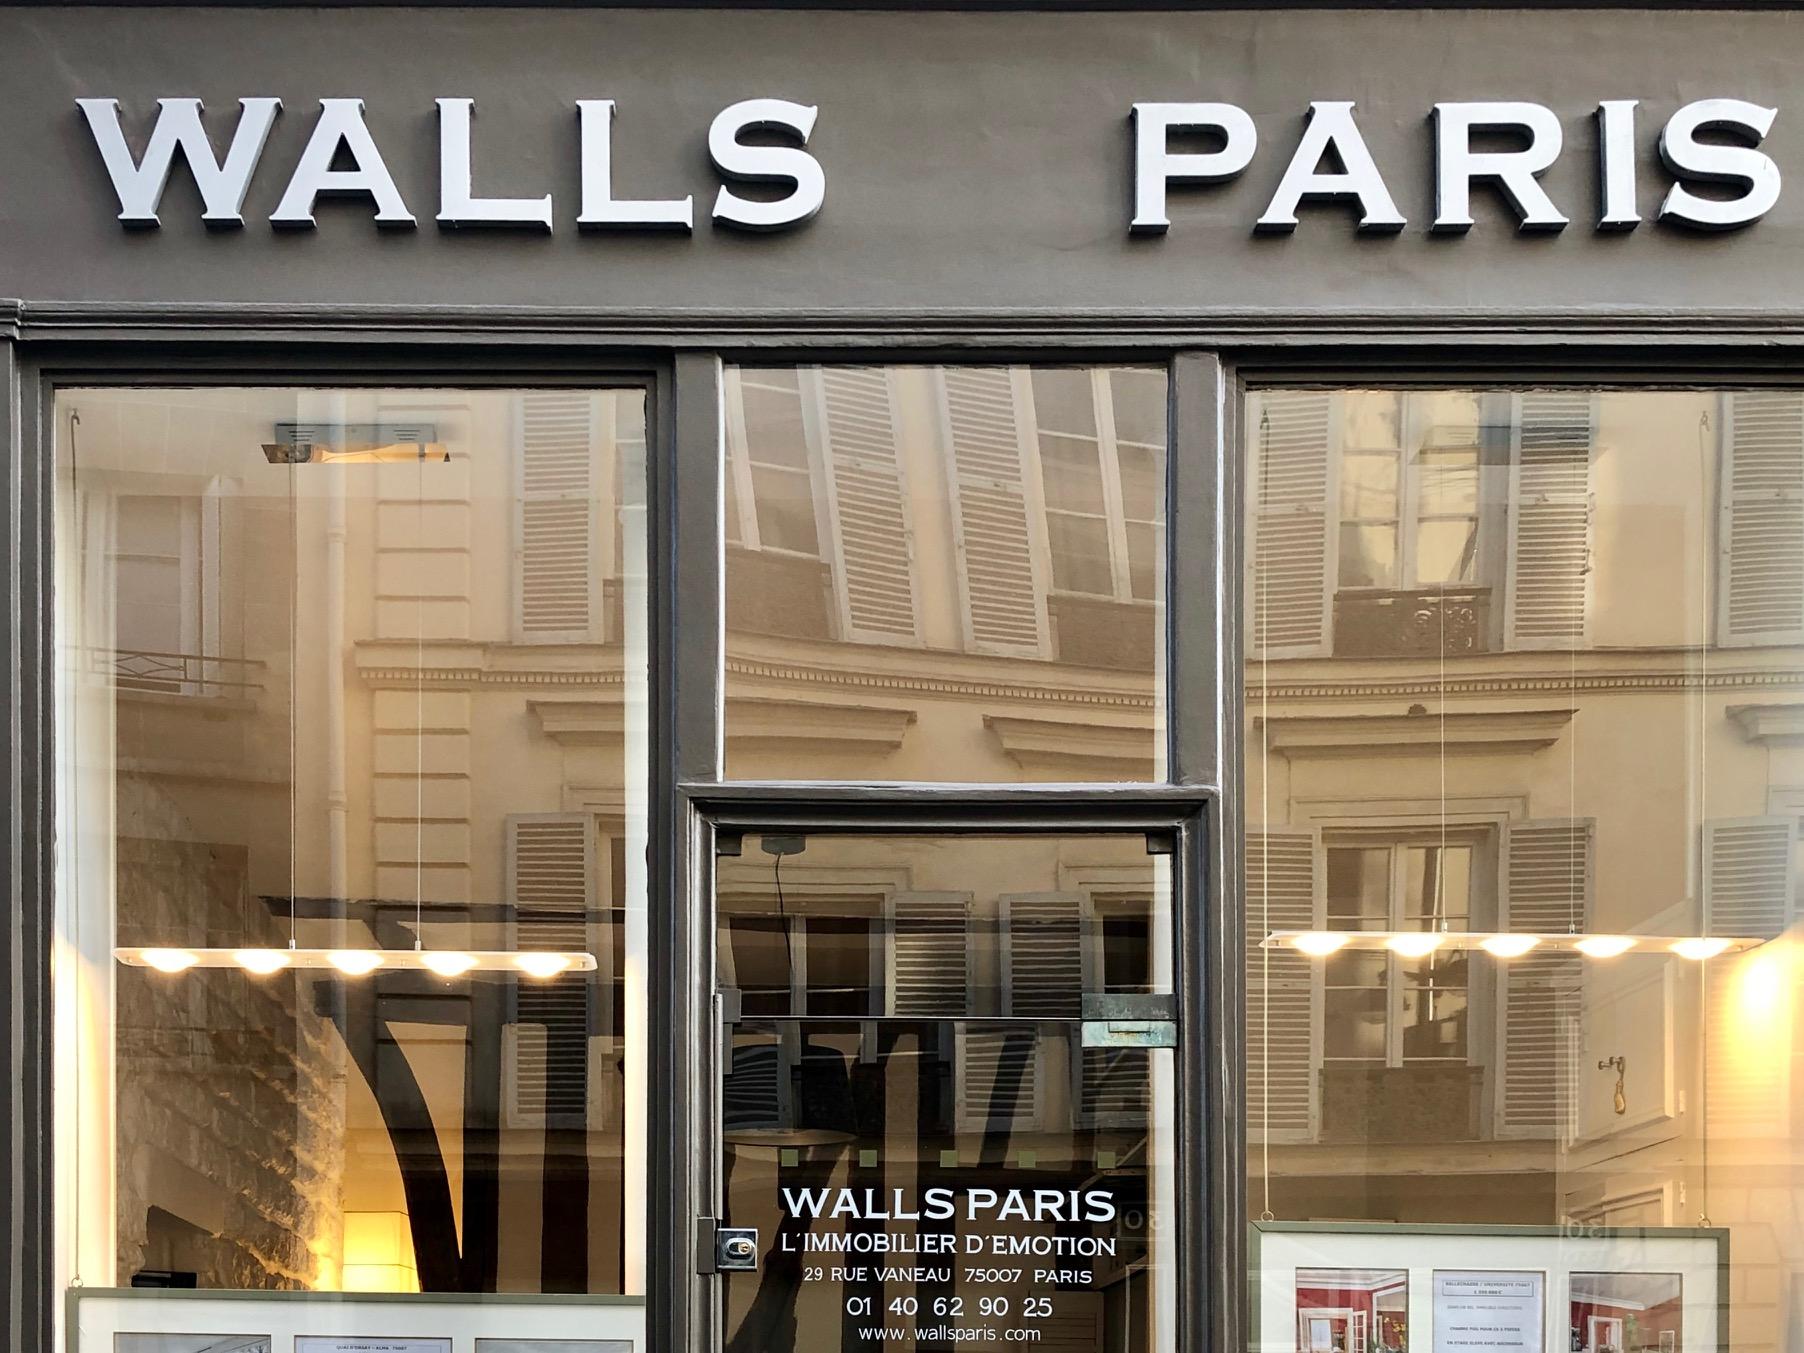 WALLS PARIS ASSOCIES